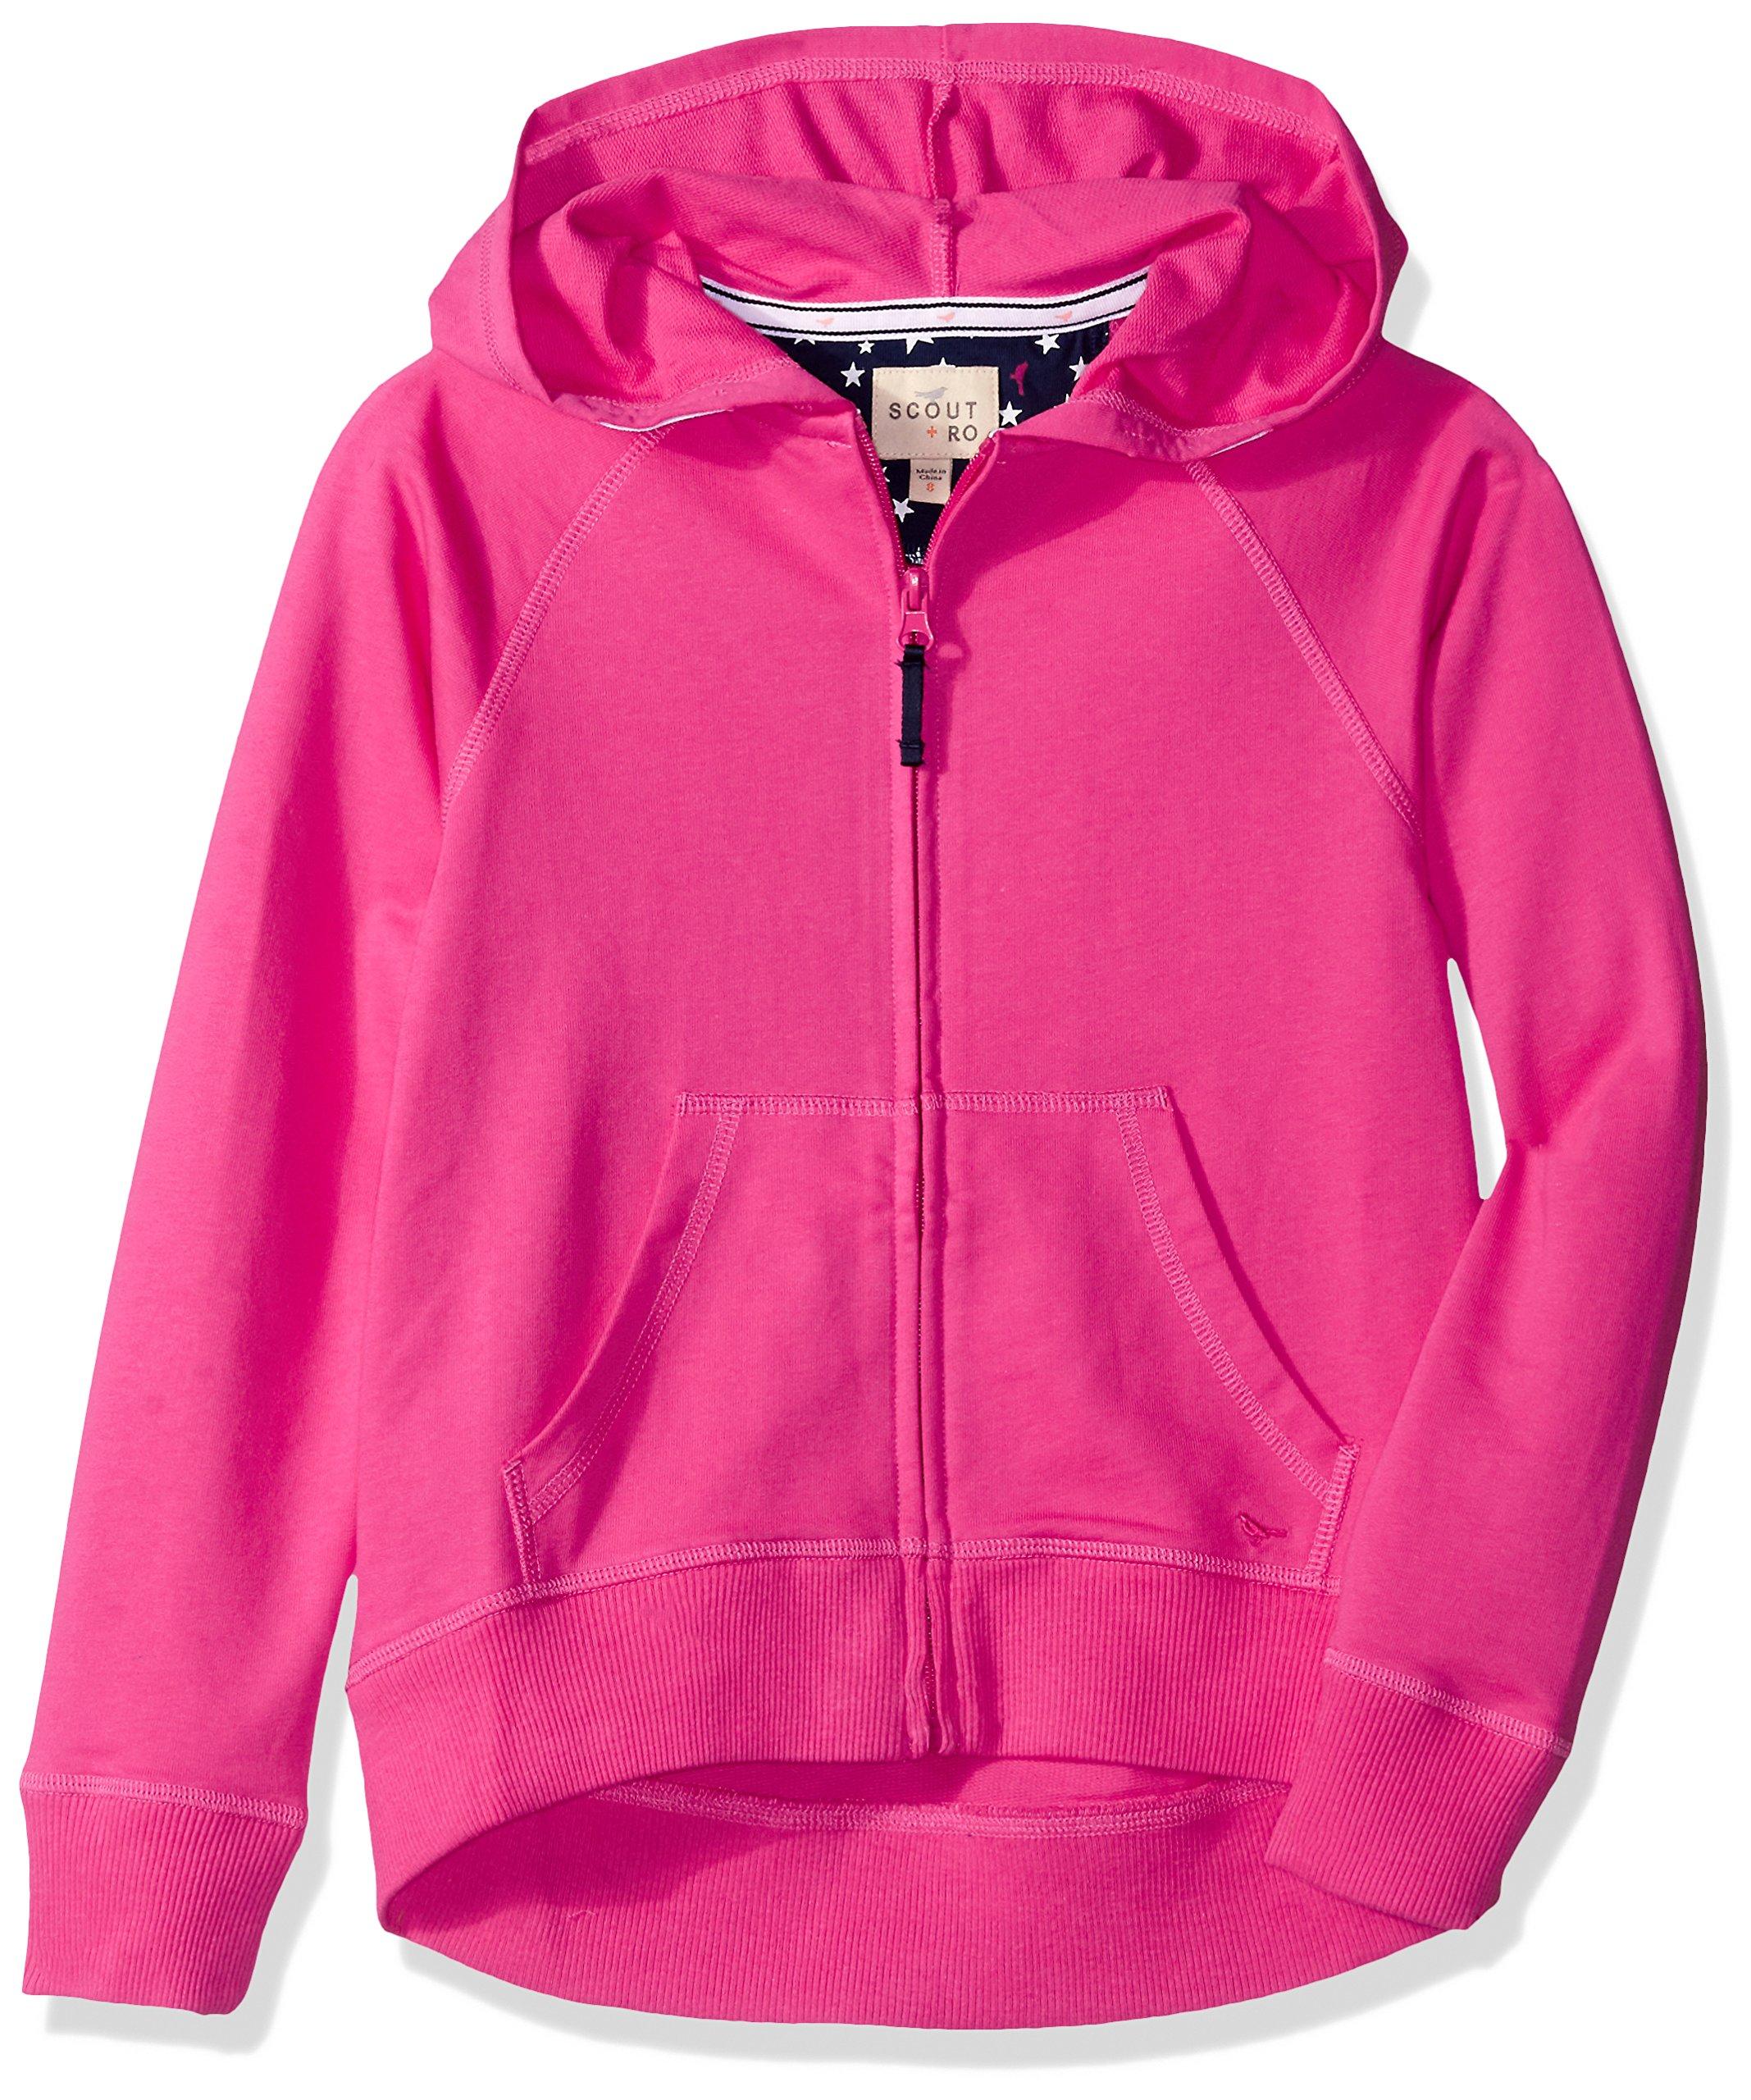 Scout + Ro Big Girls' Active Sweatshirt, Lollipop, 10